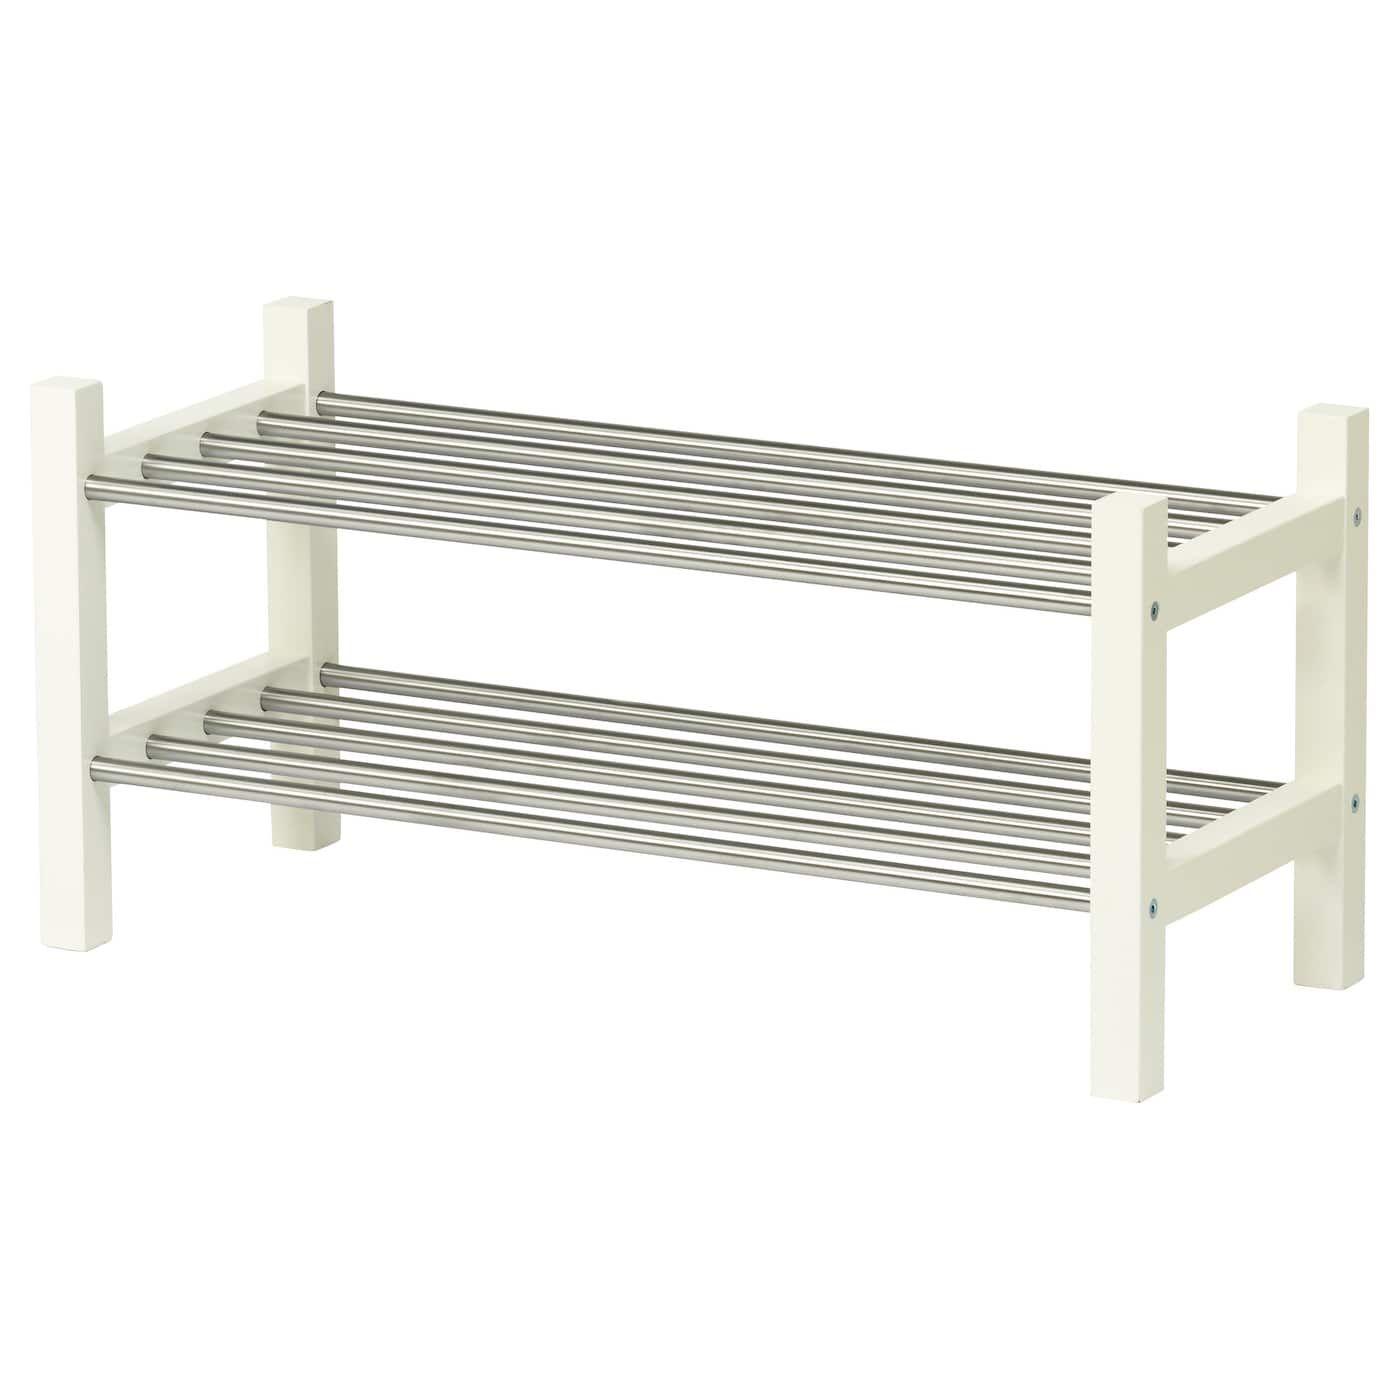 Tjusig Shoe Rack White 31 1 8 Ikea Shoe Ikea Bench With Shoe Storage